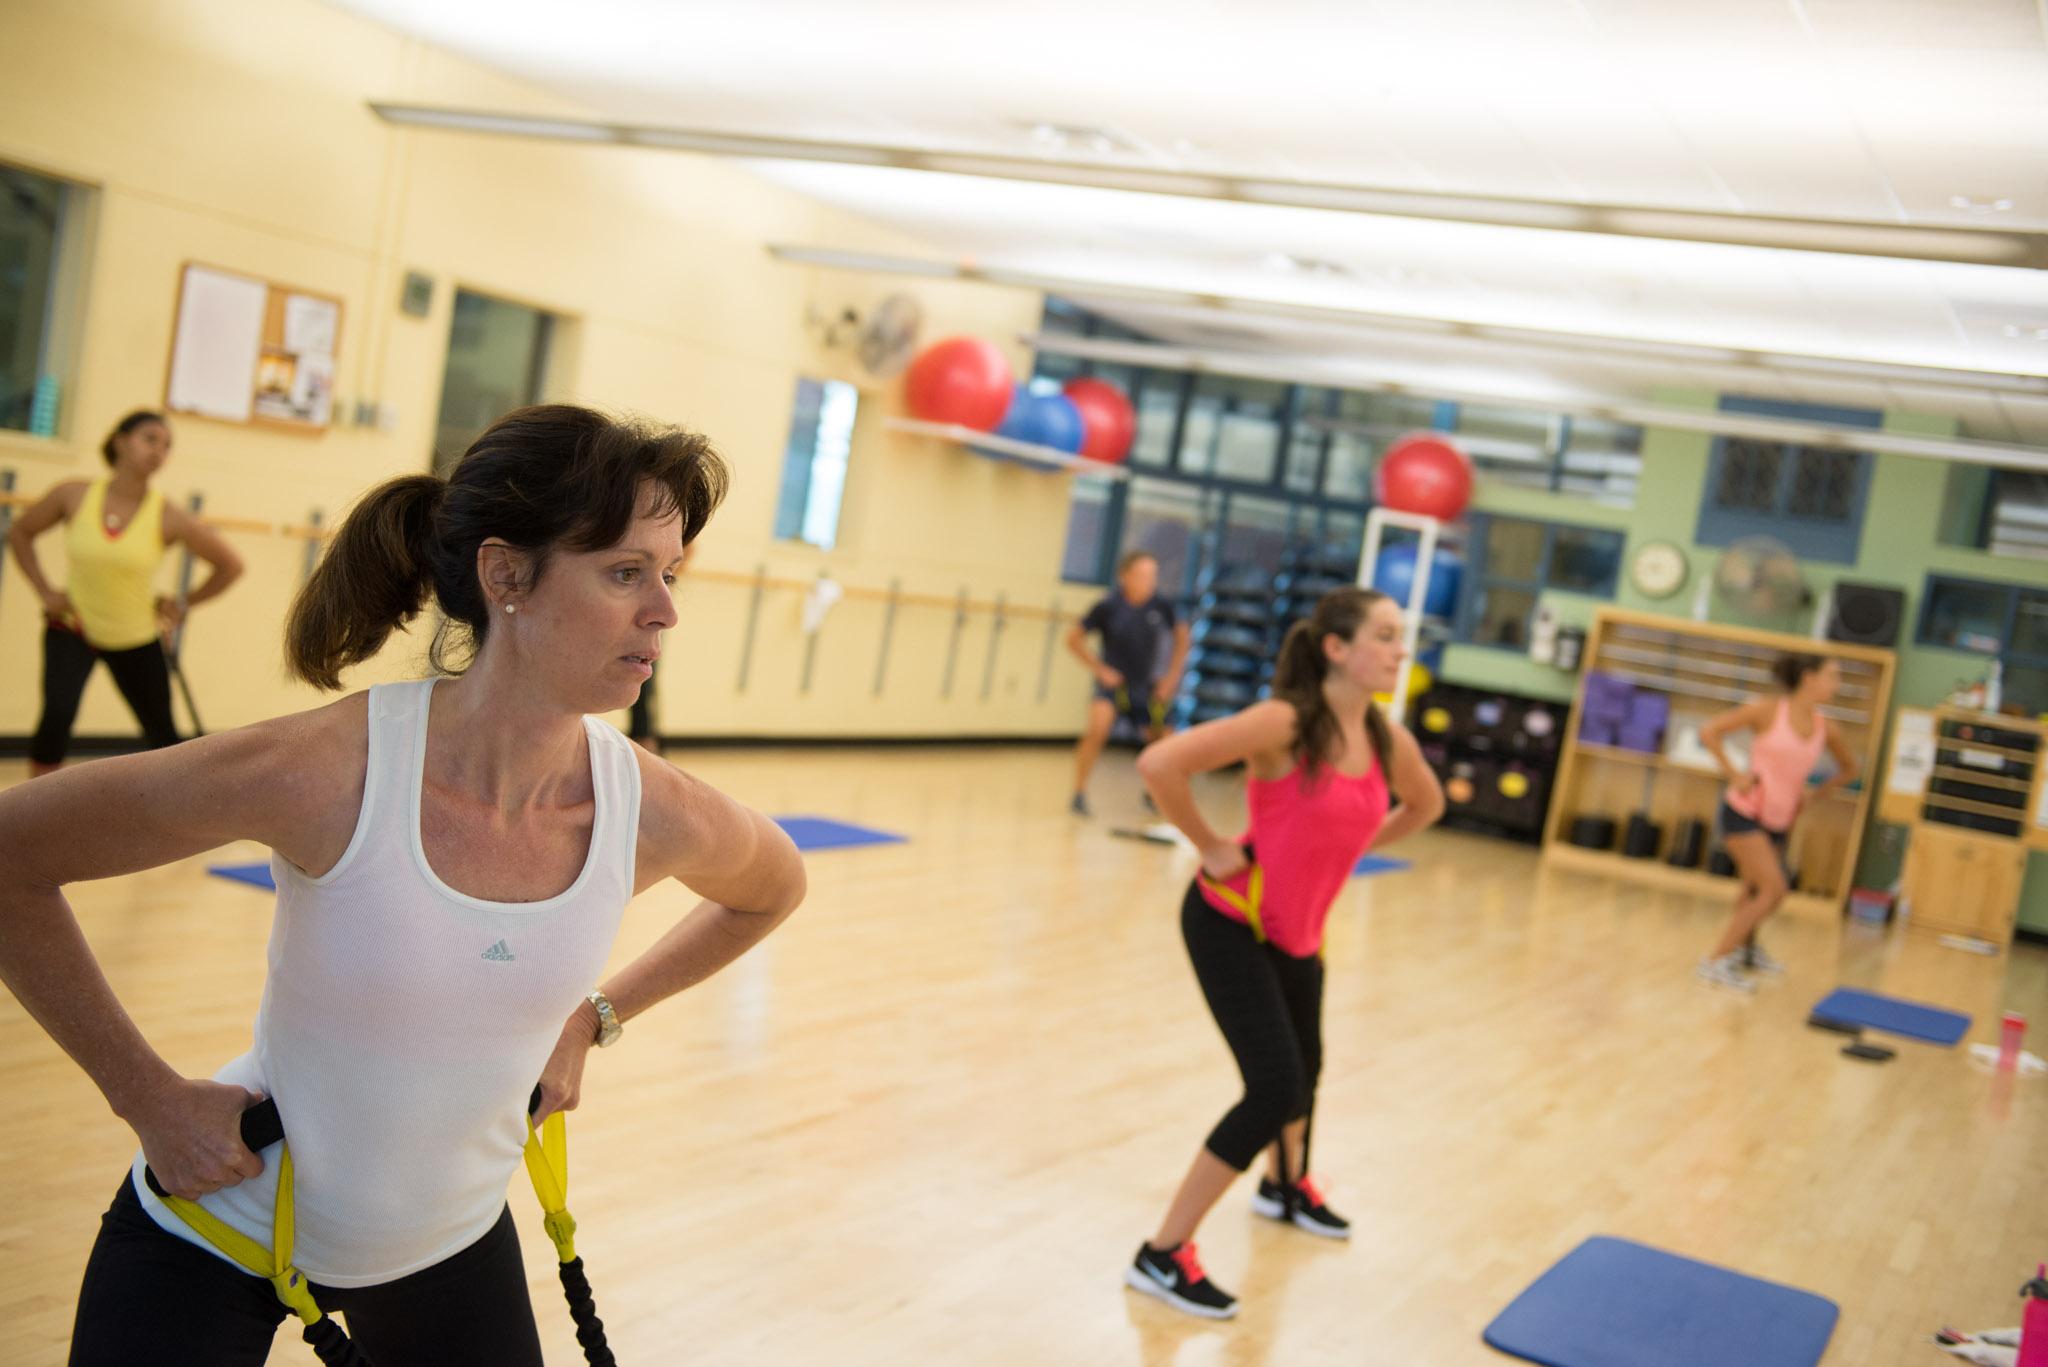 Wellness Center Stock Photos-1338.jpg